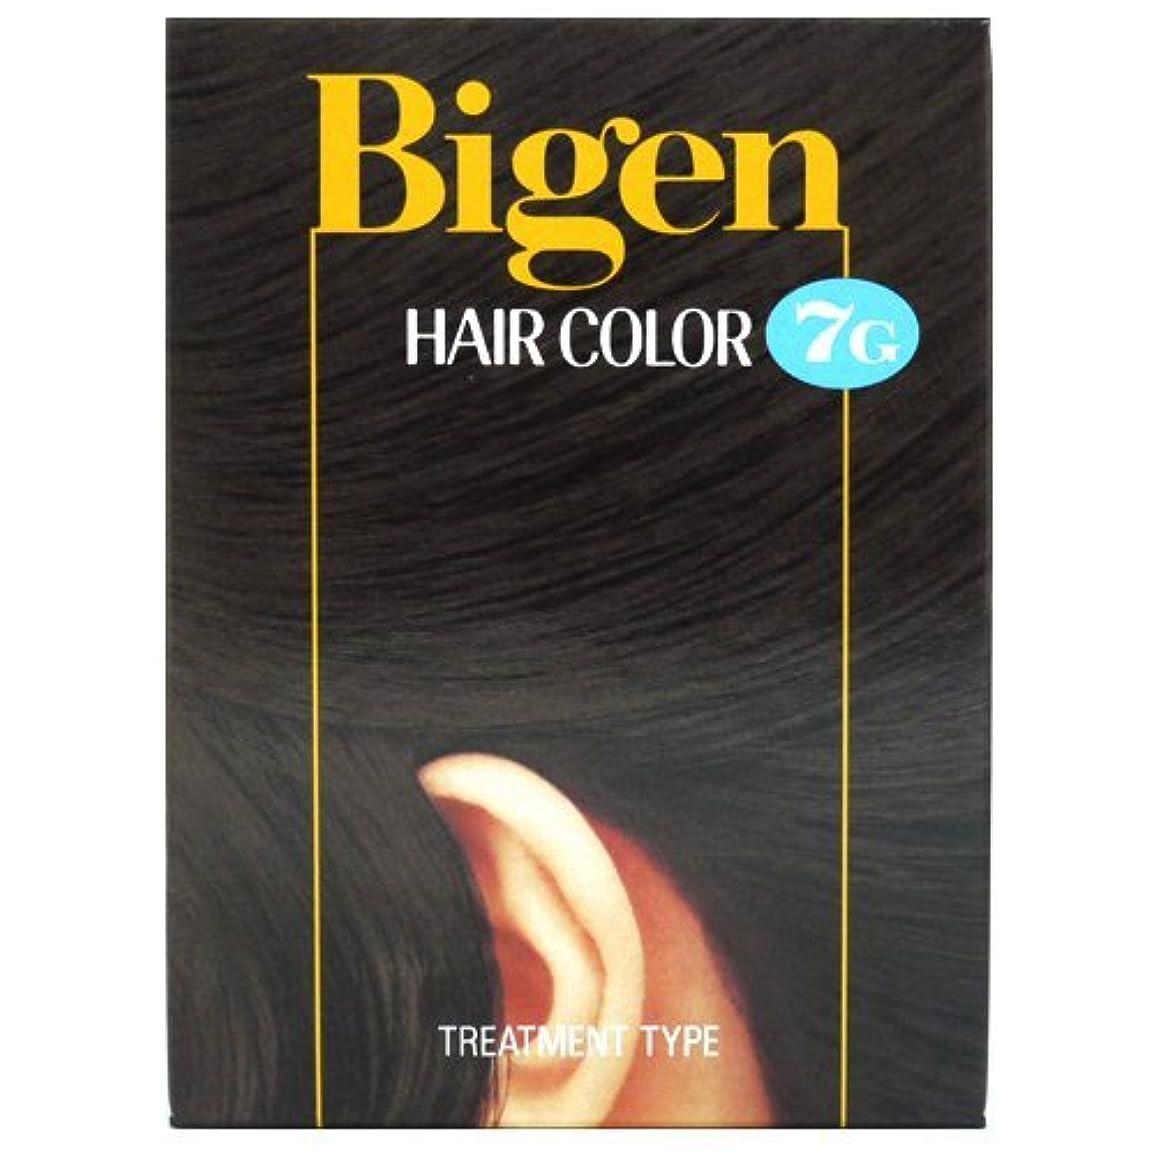 打ち上げる到着するアレルギーホーユー ビゲン ヘアカラー 【7G 自然な黒褐色】